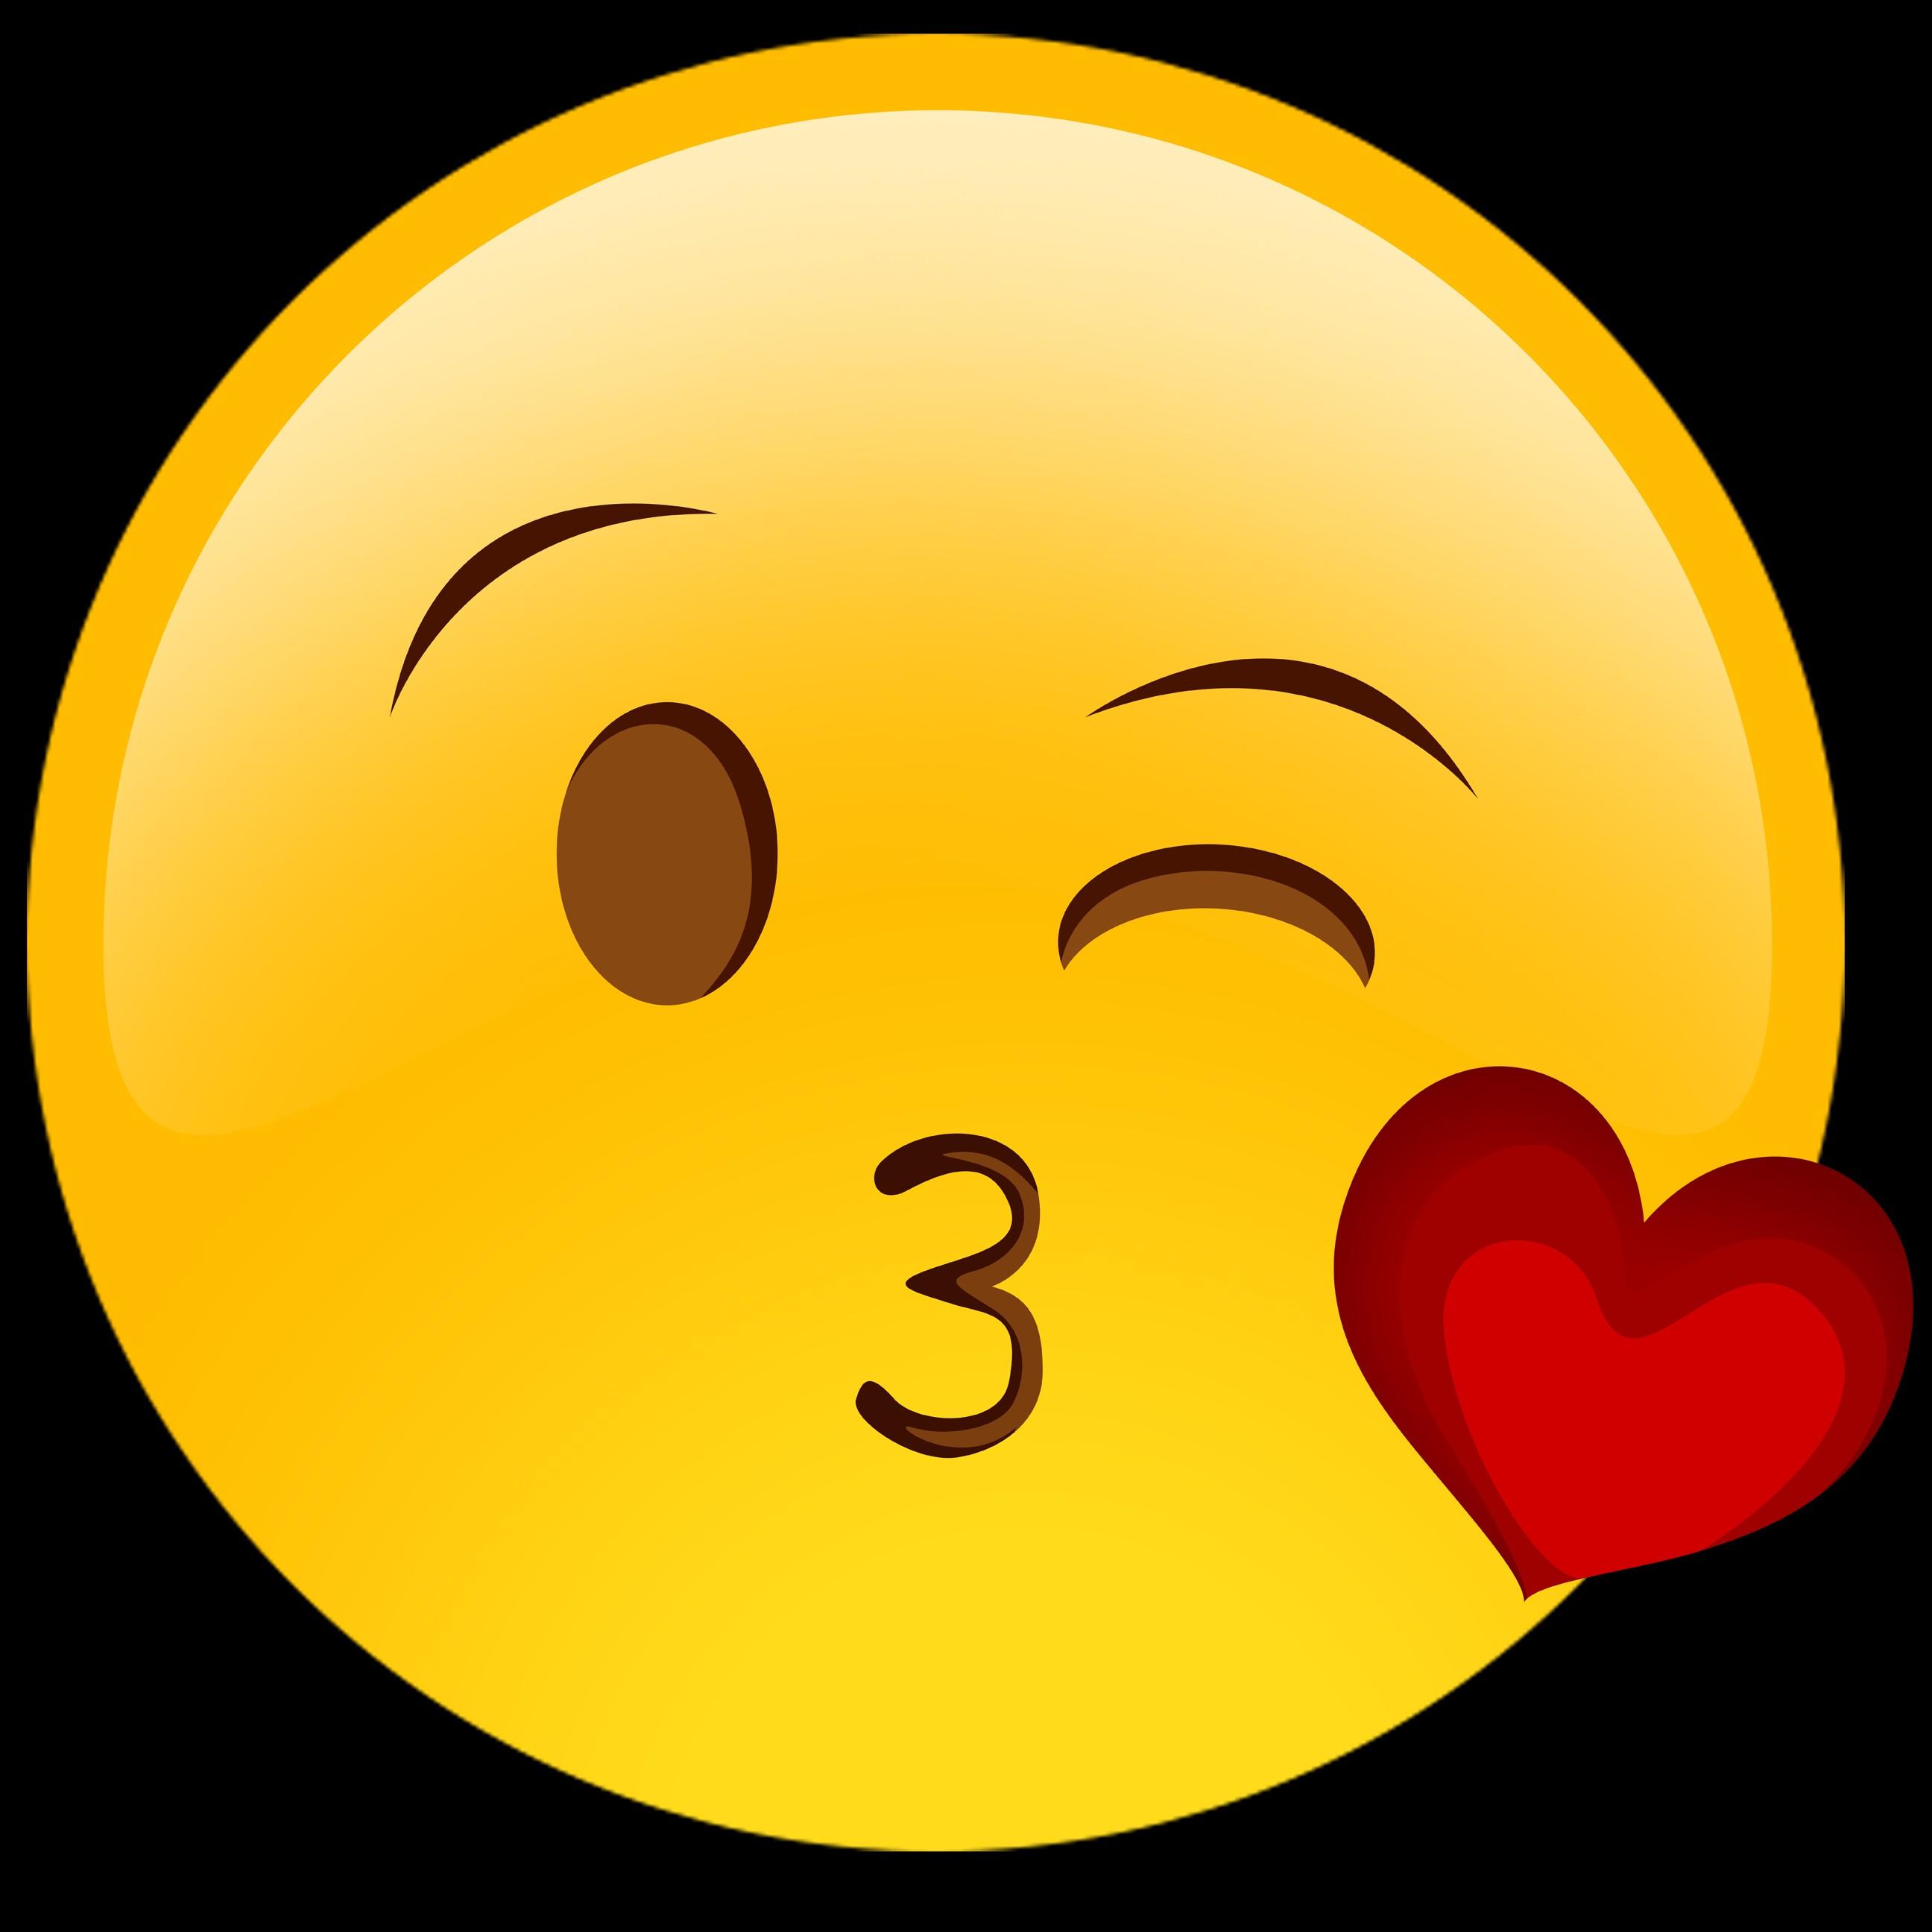 emoji kiss carita clipart feliz emojis smiley faces face heart clip emoticon kissing eyes cliparts para cara emoticones happy con